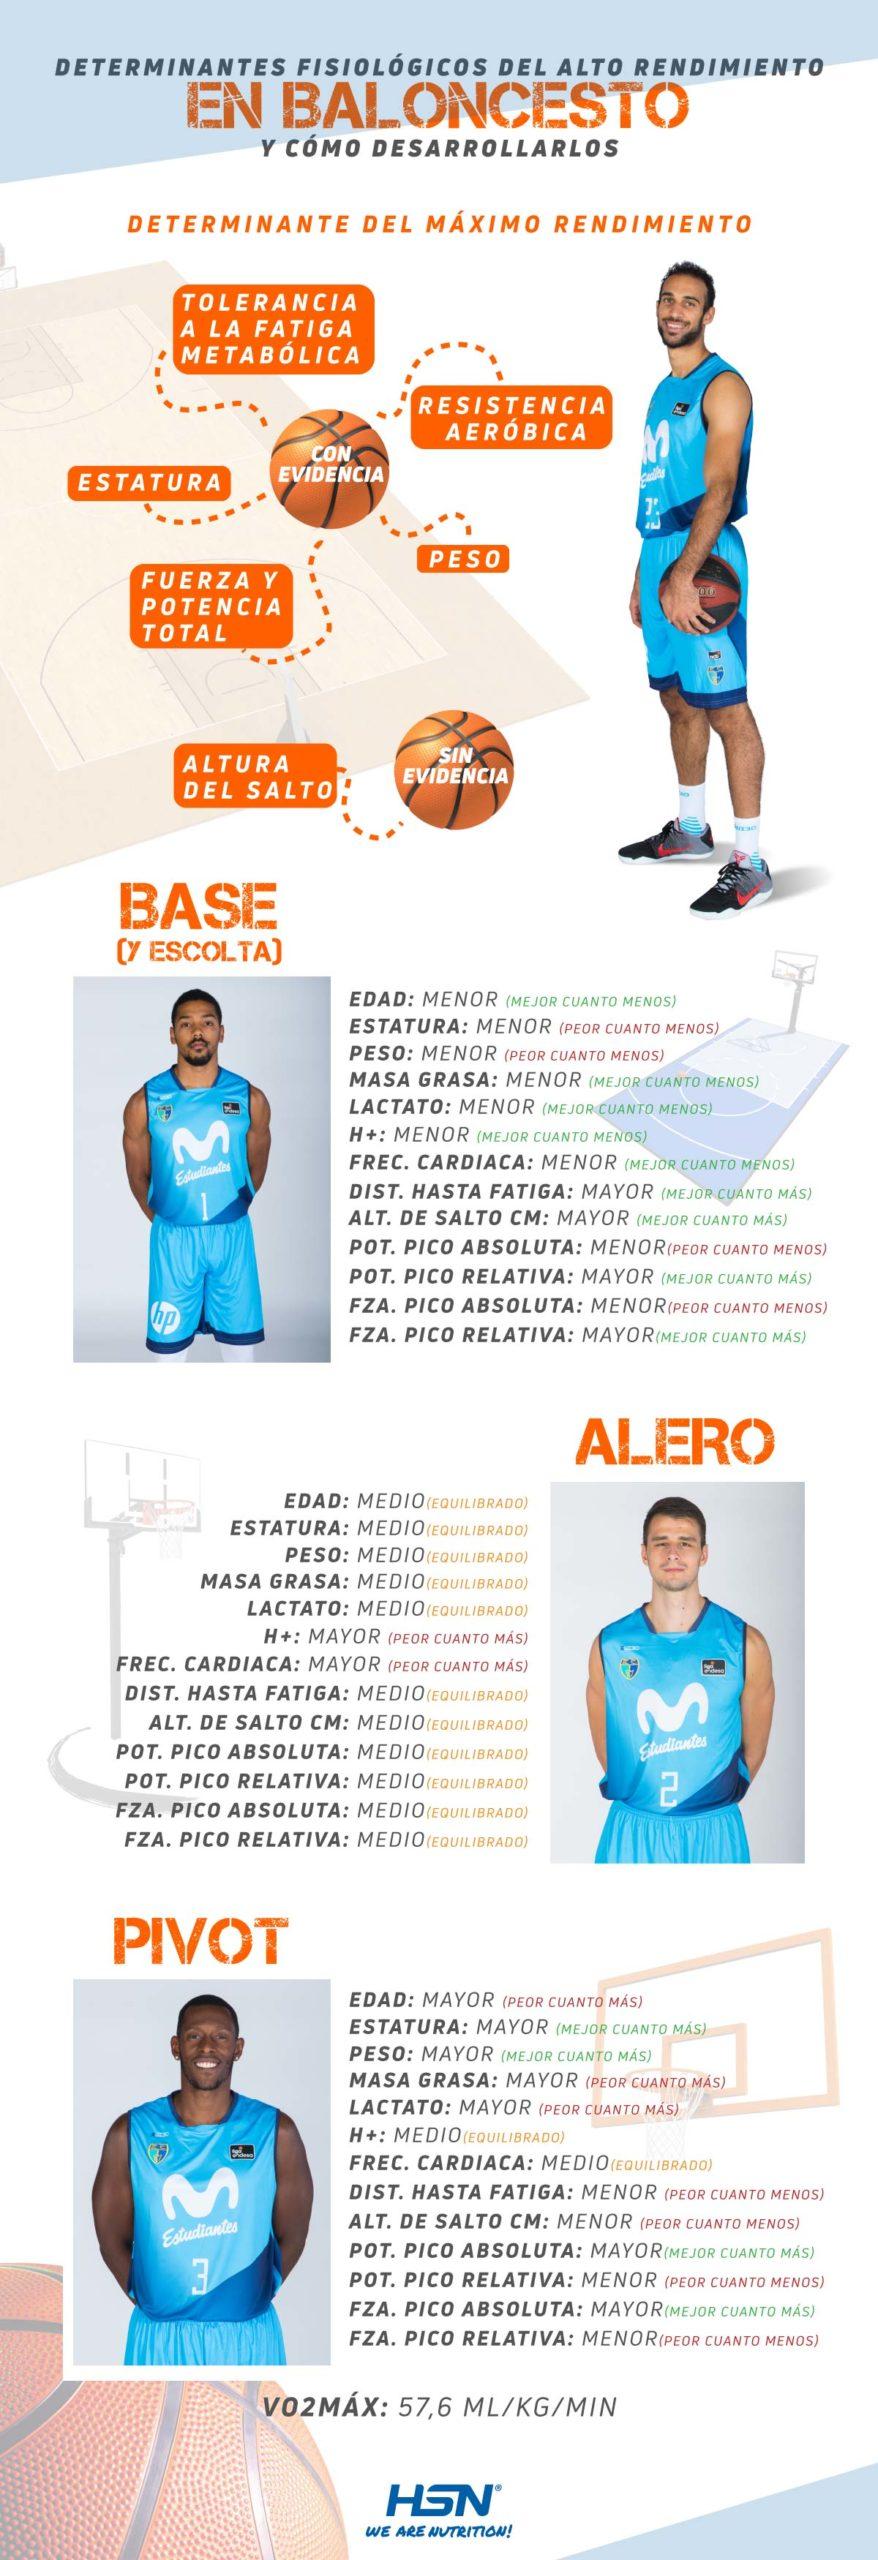 Infografía Determinantes Fisiológicos en Baloncesto